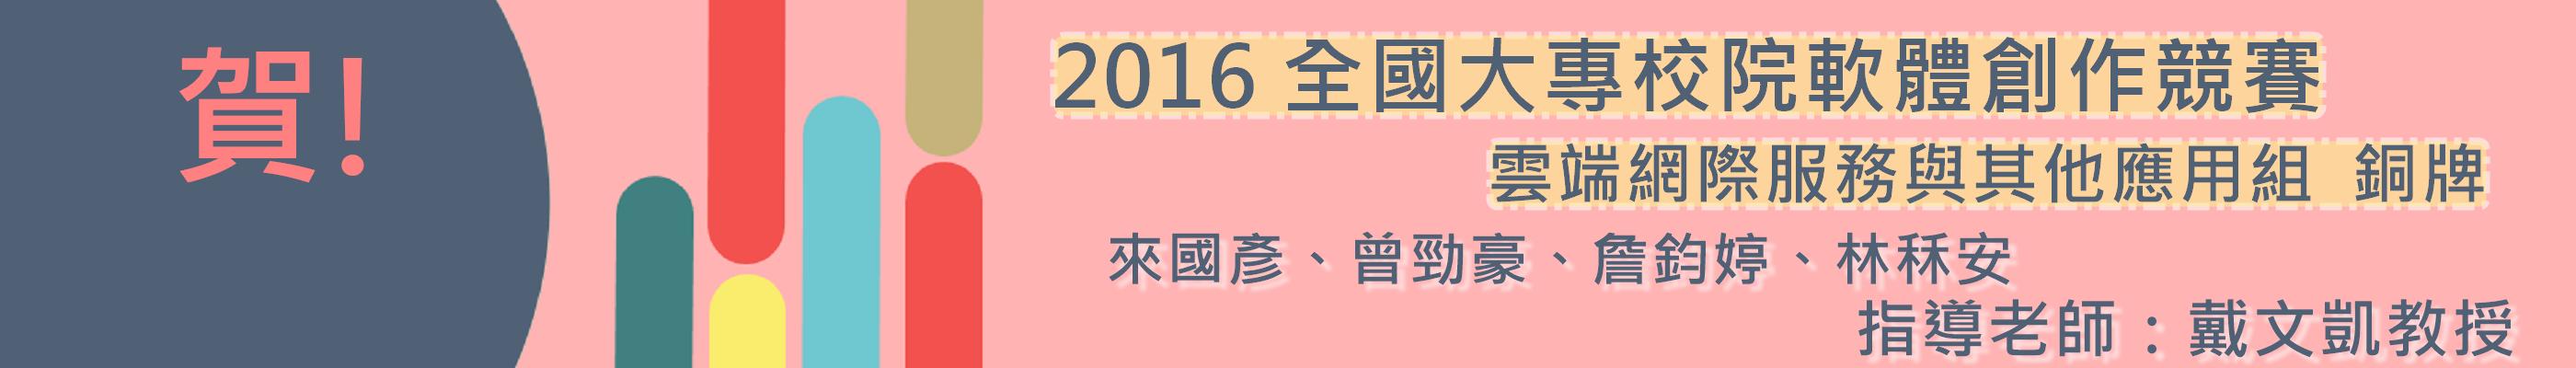 【號外!】東華資工系同學參加 2016 全國大專校院軟體創作競賽,榮獲銅牌!!!